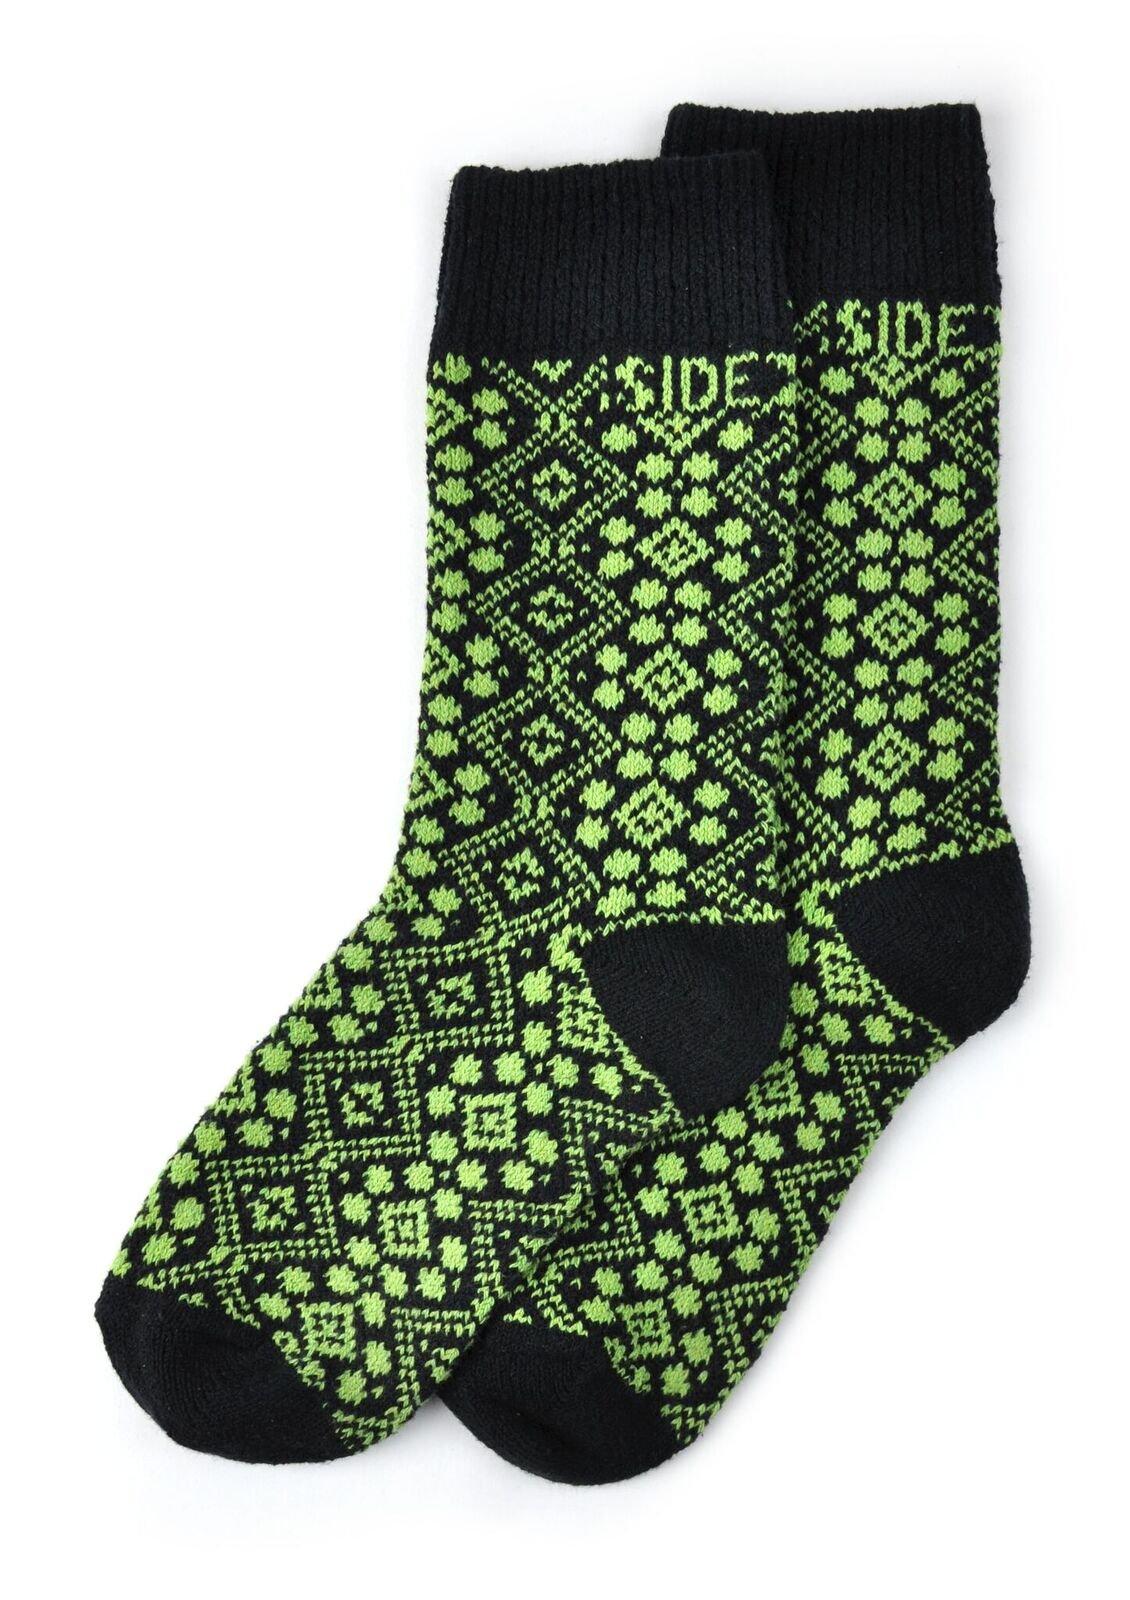 Side Kick Socks